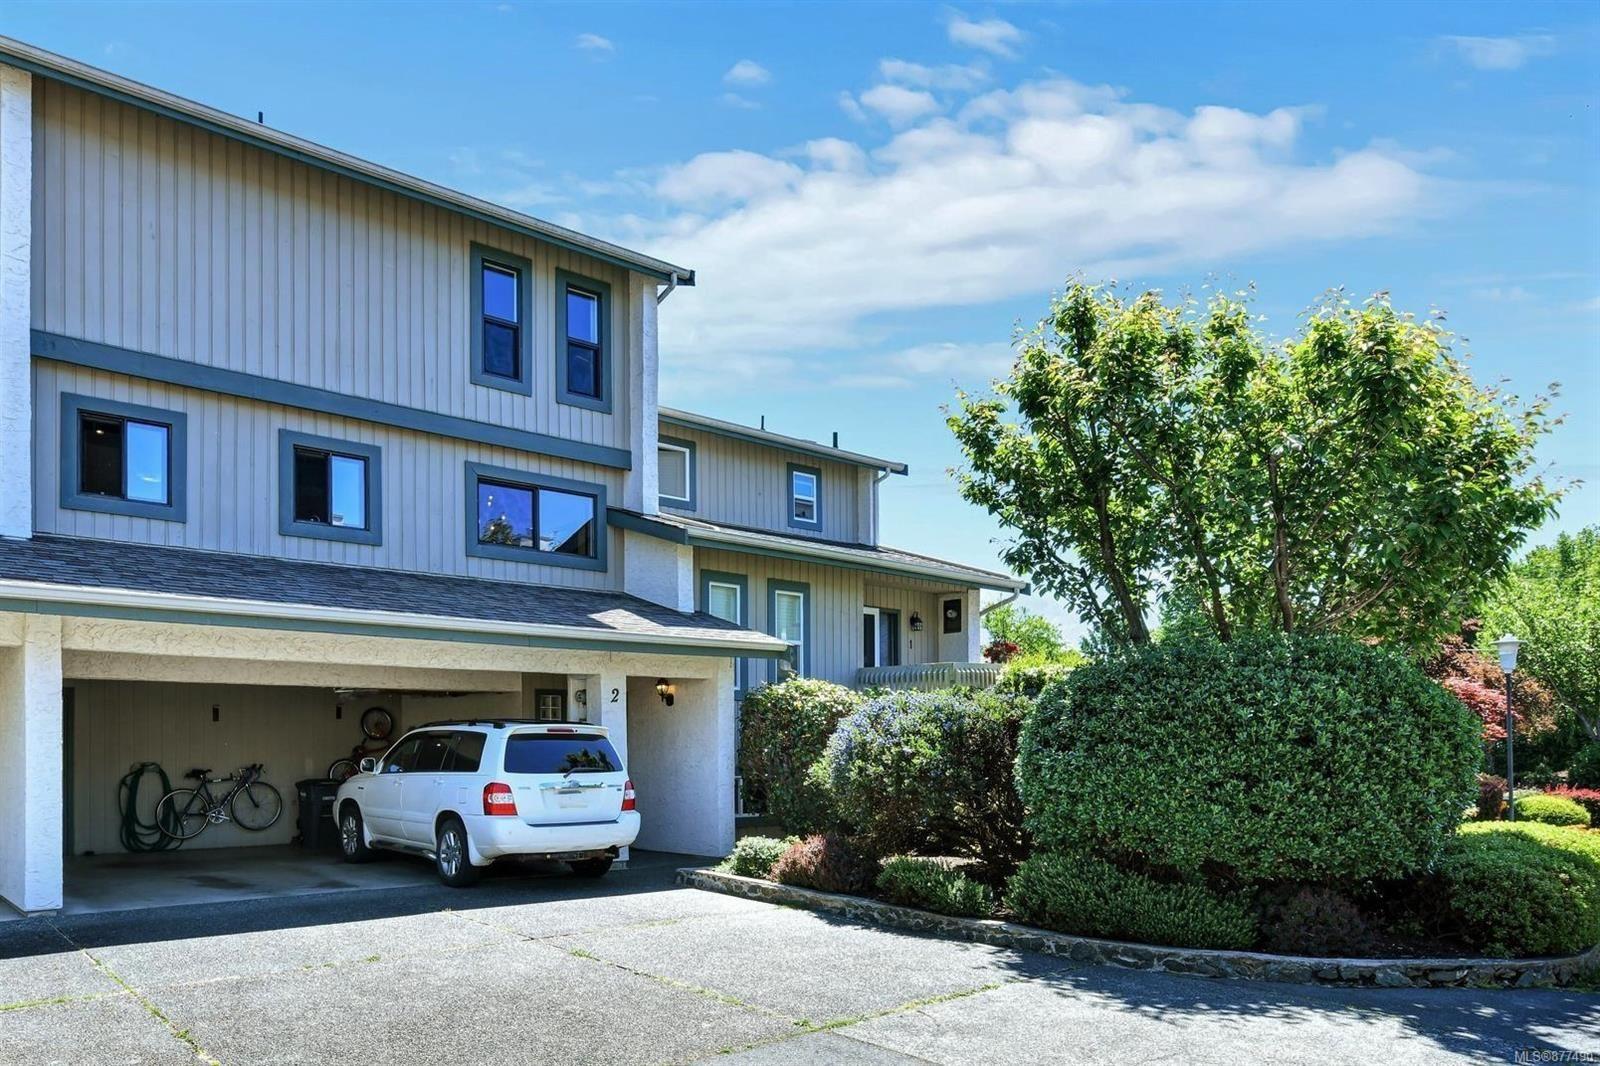 Main Photo: 2 1480 Garnet Rd in : SE Cedar Hill Row/Townhouse for sale (Saanich East)  : MLS®# 877490